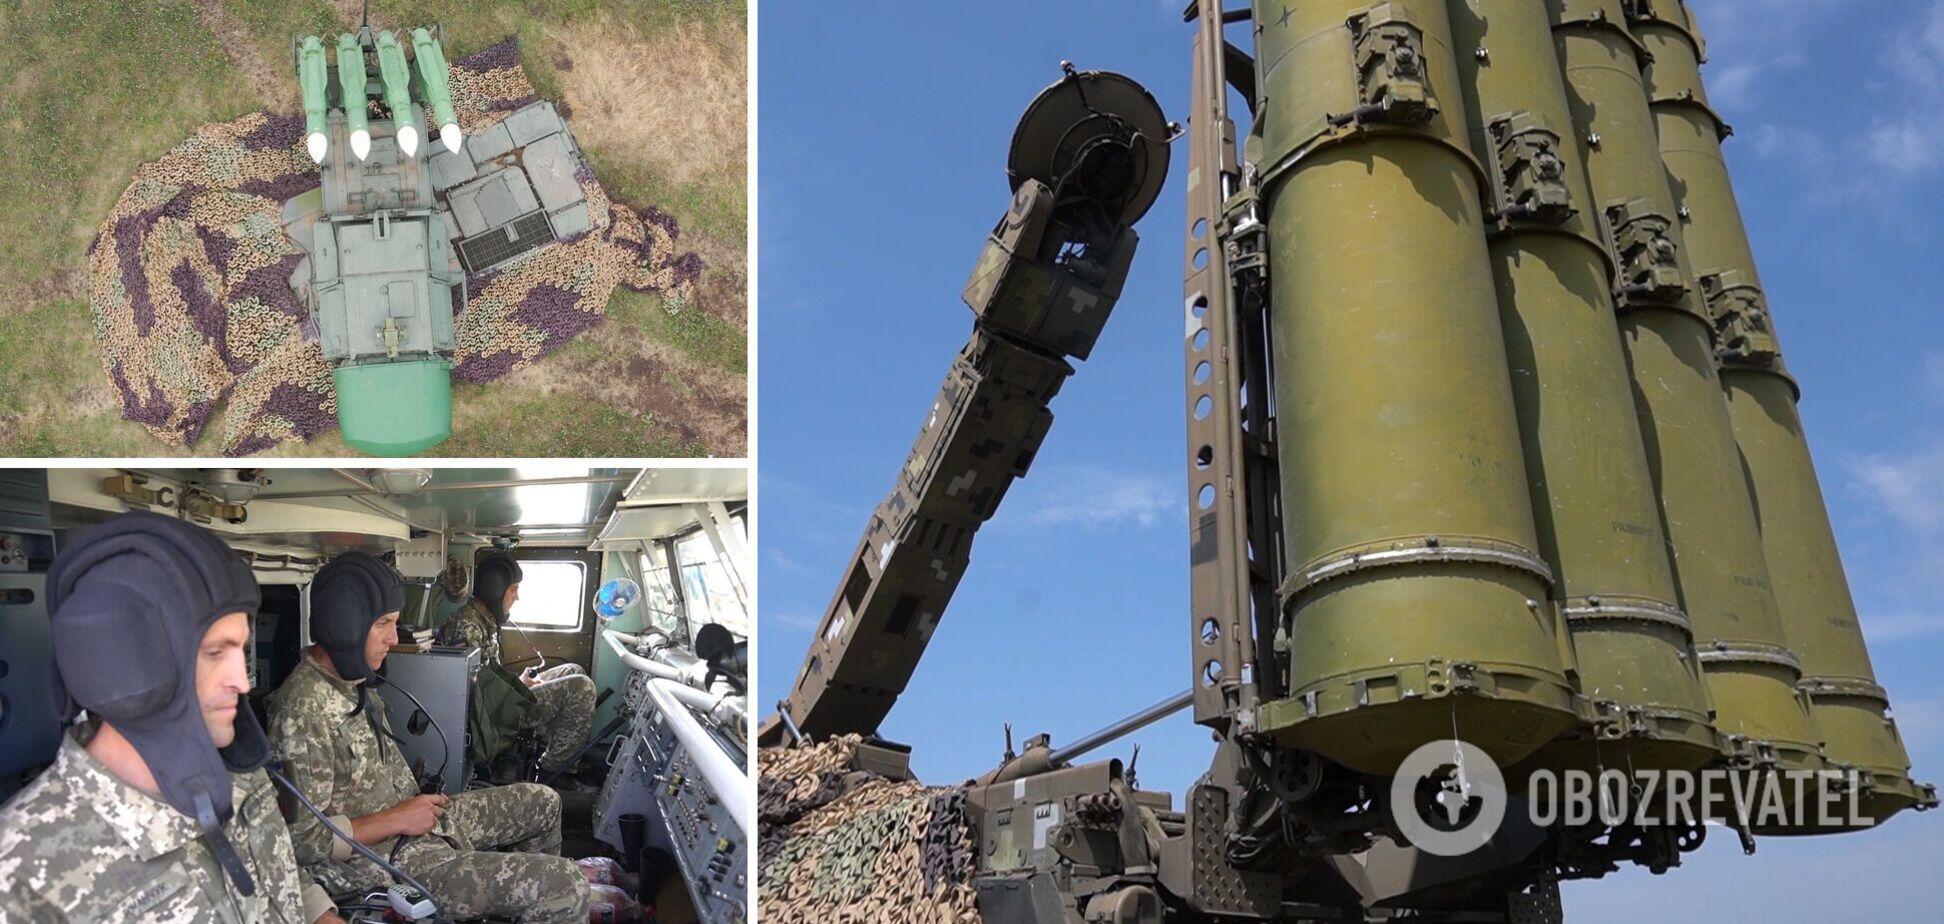 Завдання відпрацьовувались на ЗРК 'Бук', 'Оса' та С-300